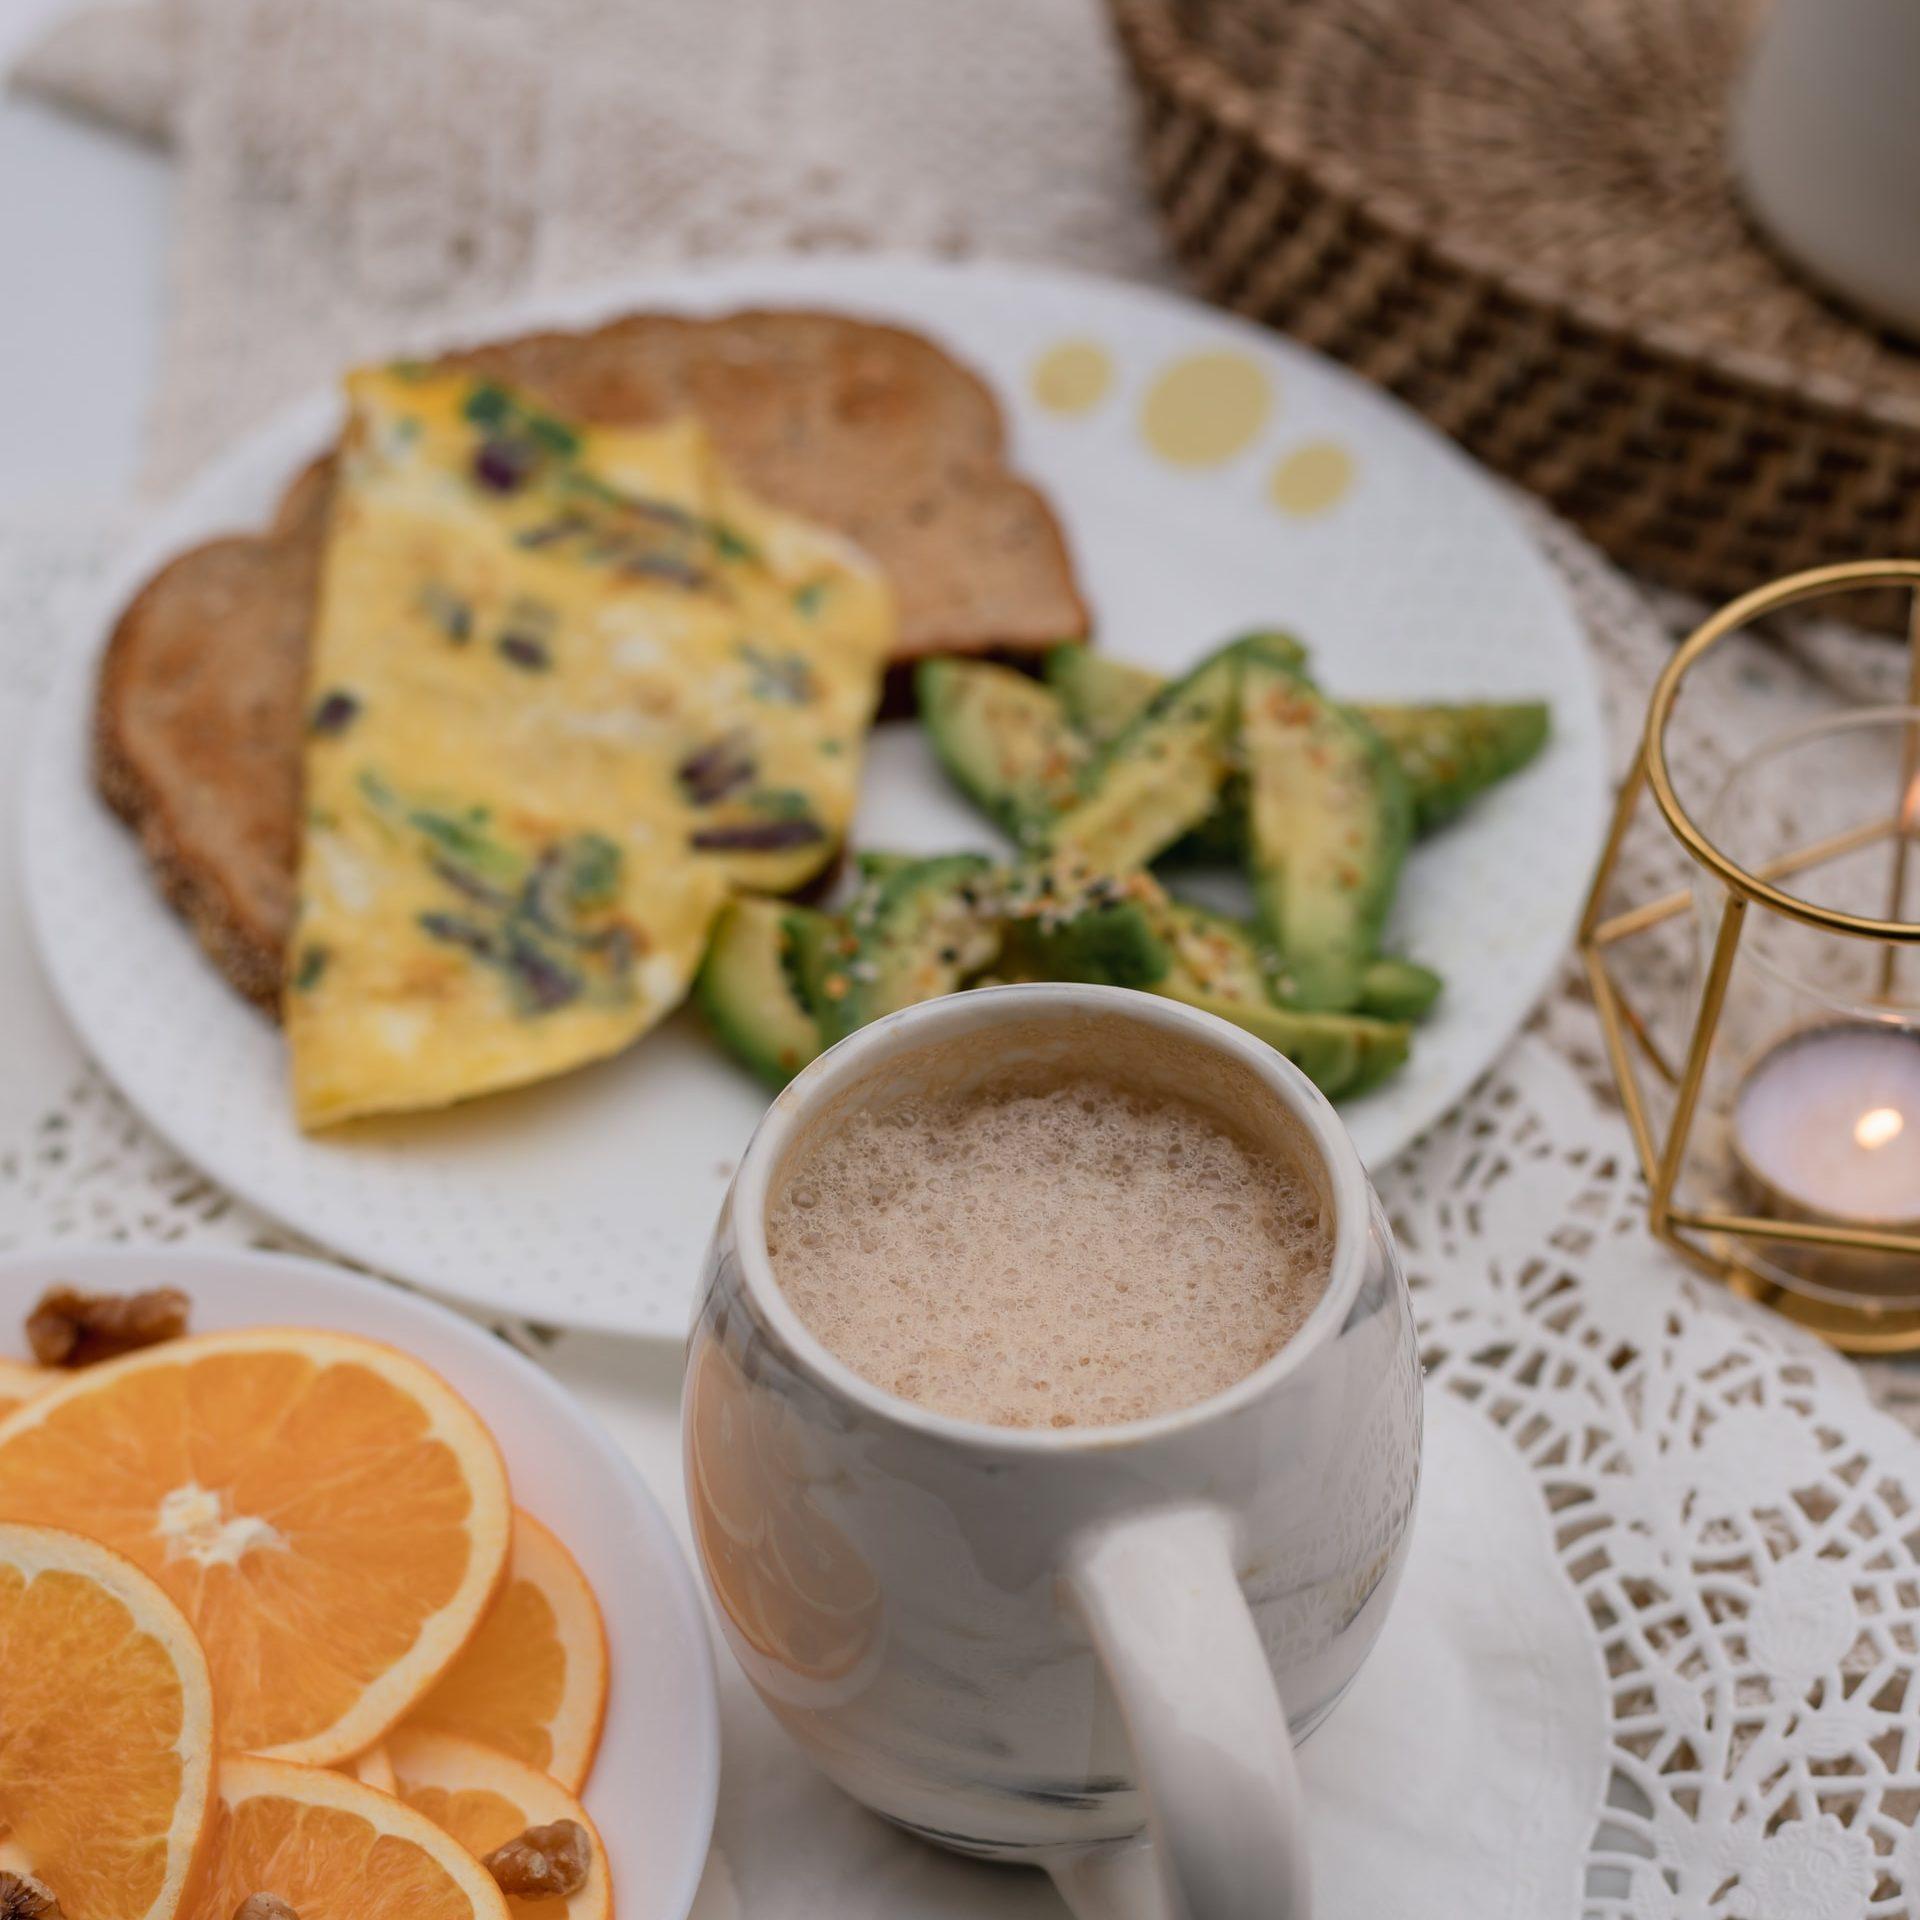 Trứng tráng cá ngừ và trà sữa đen - Đẹp 365